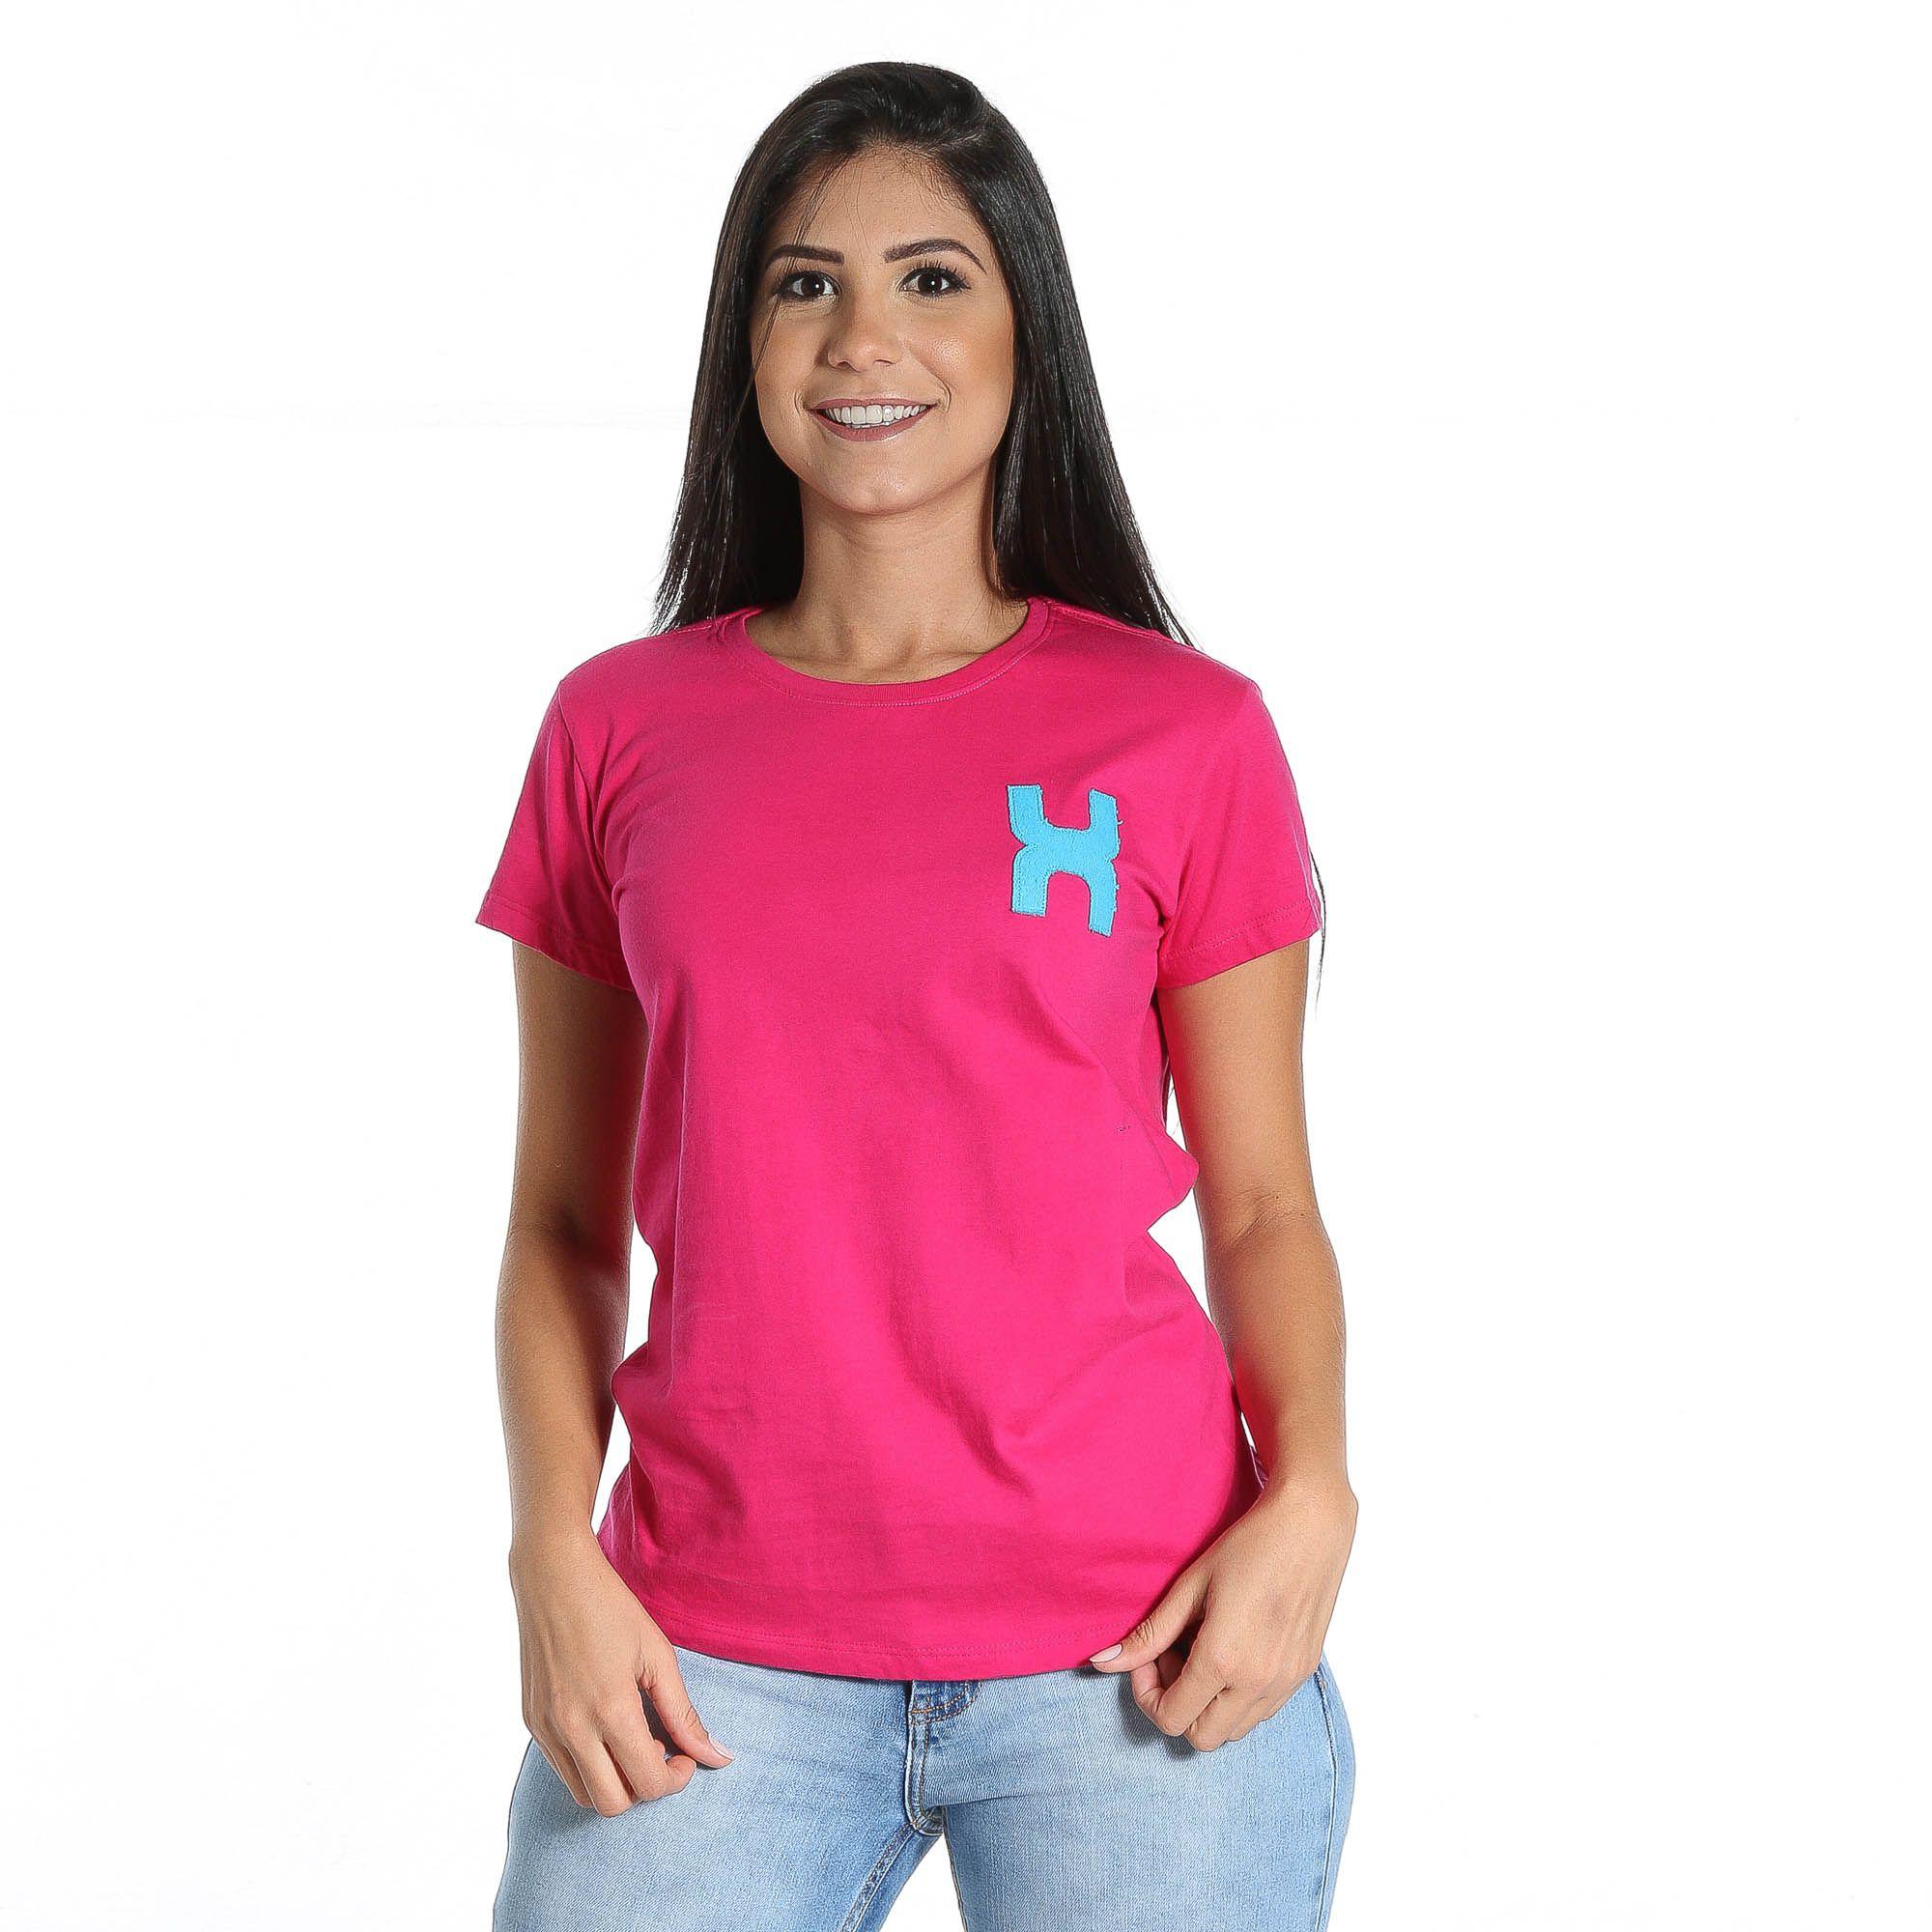 Camiseta Feminina TXC 4387